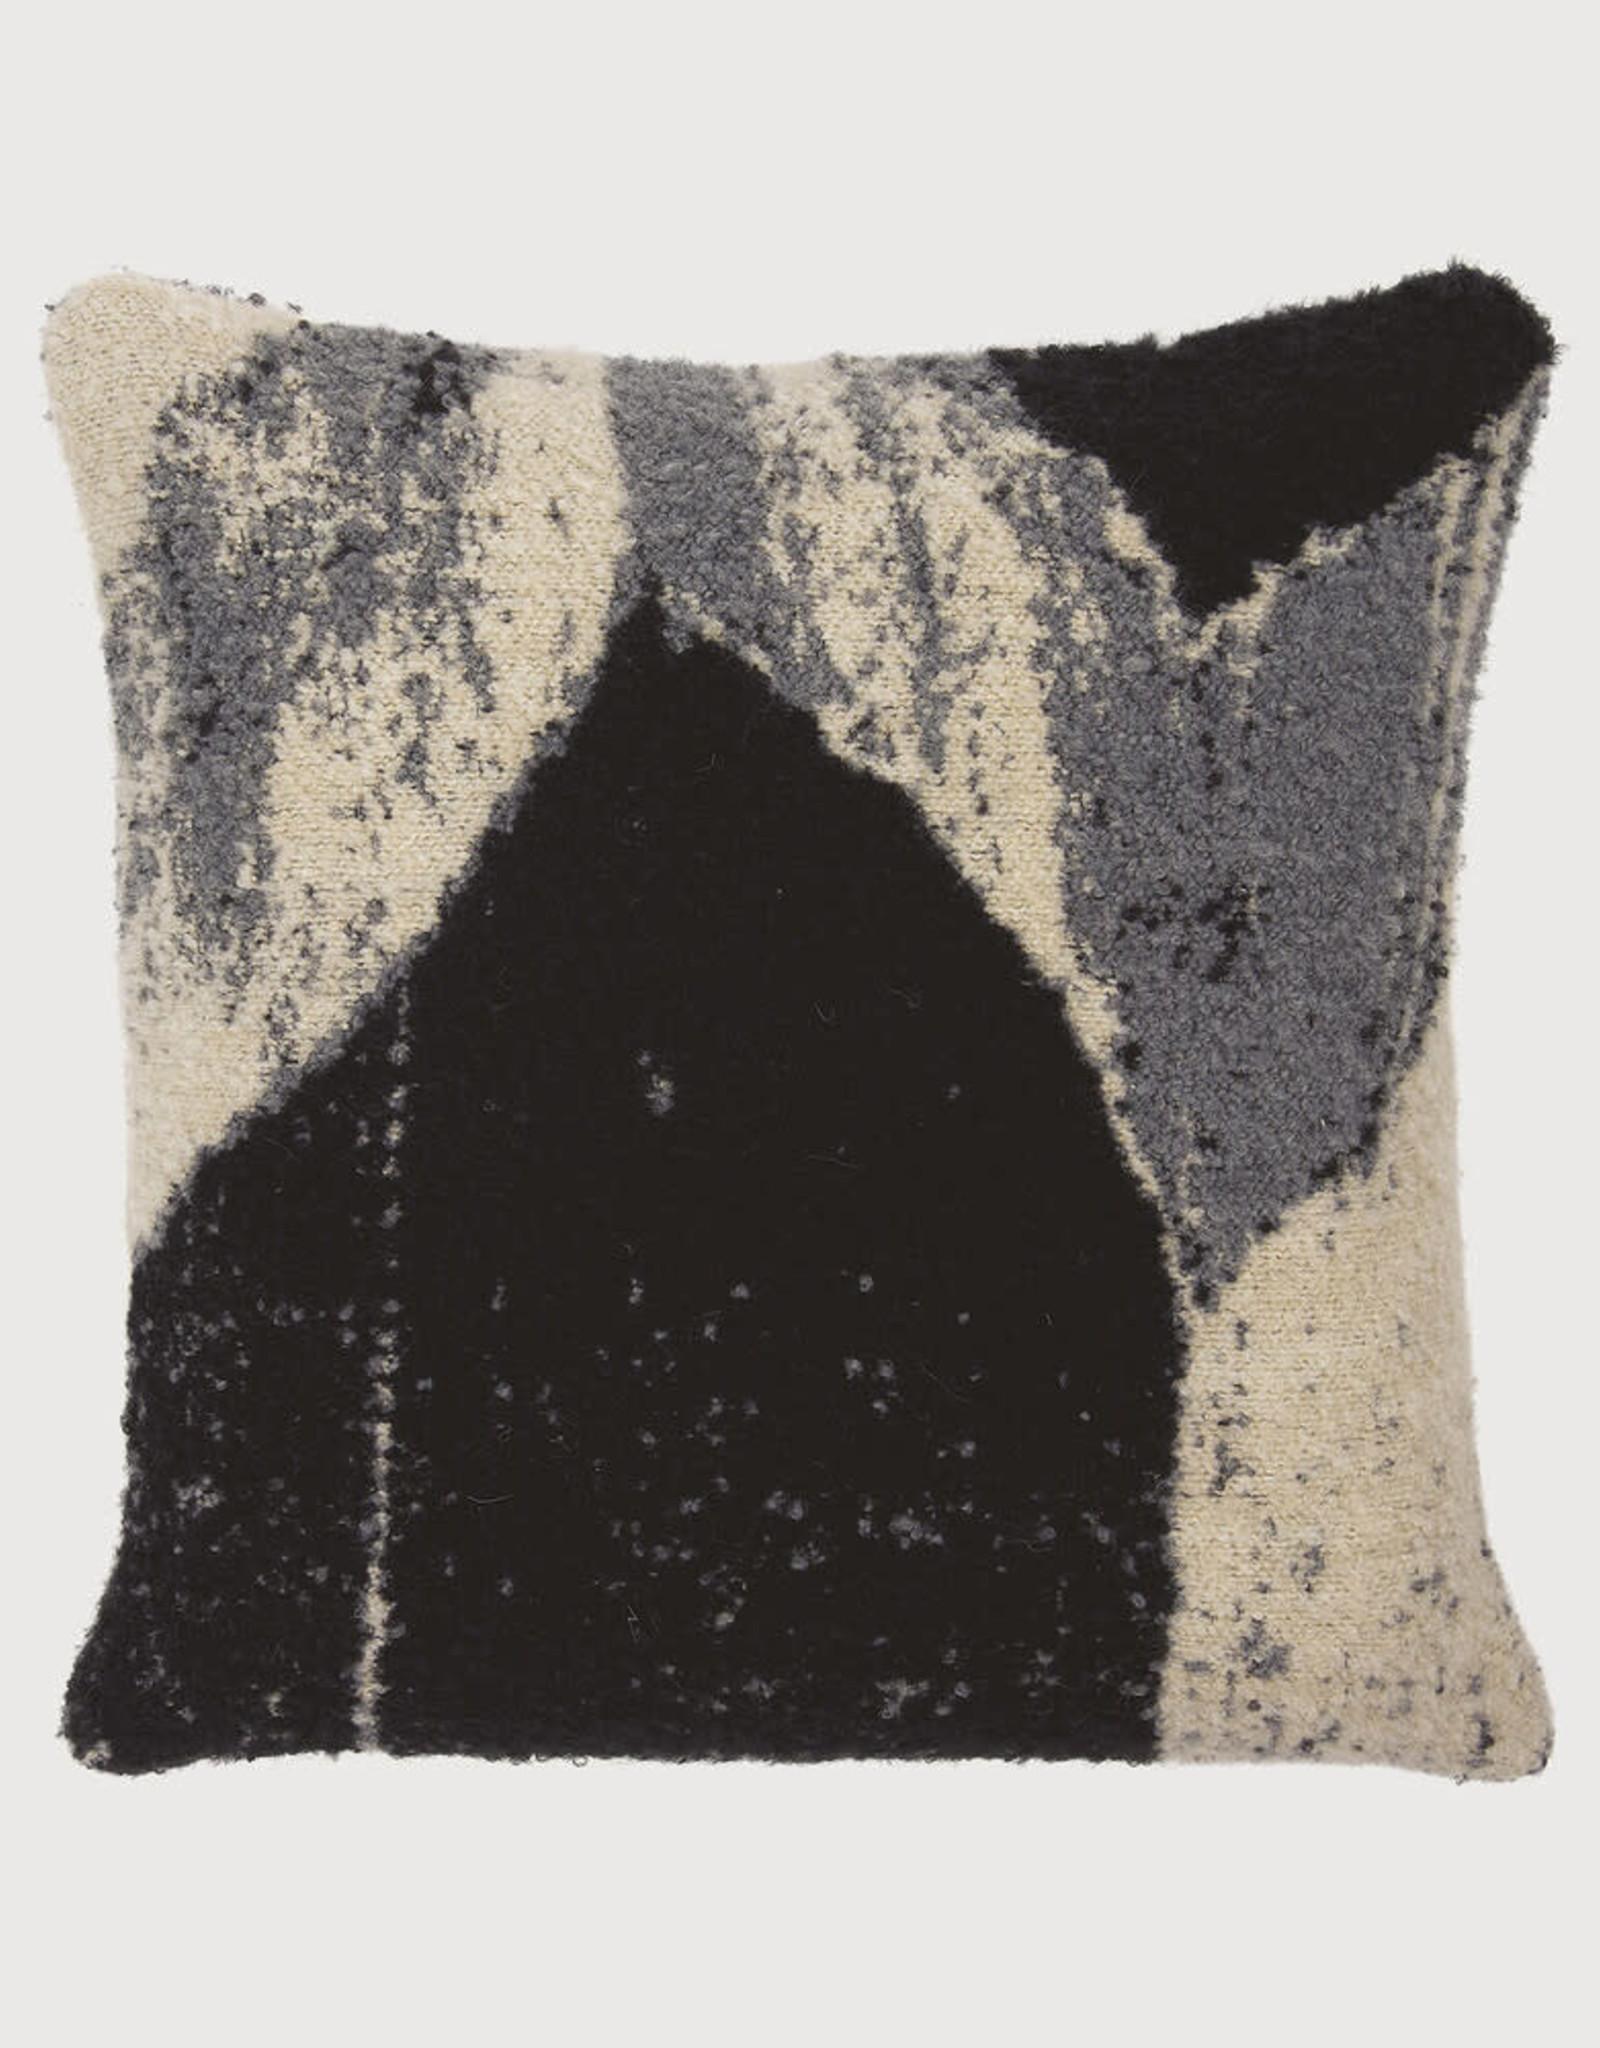 Nero Chevron Square Cushion